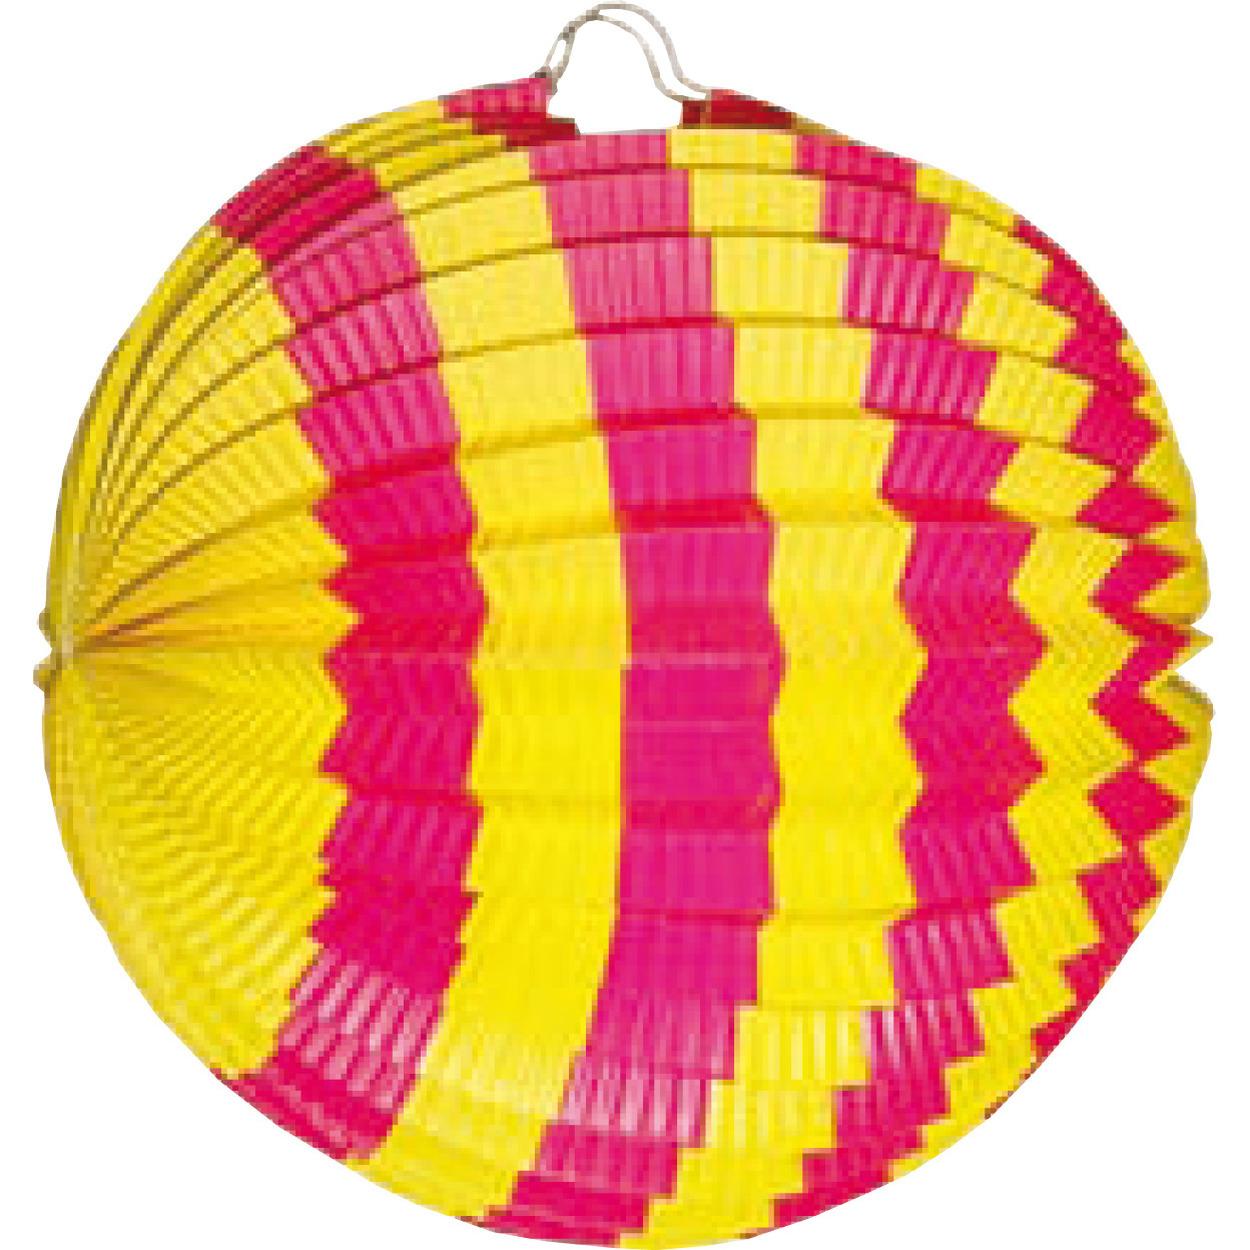 Lampion decoratie roze en geel